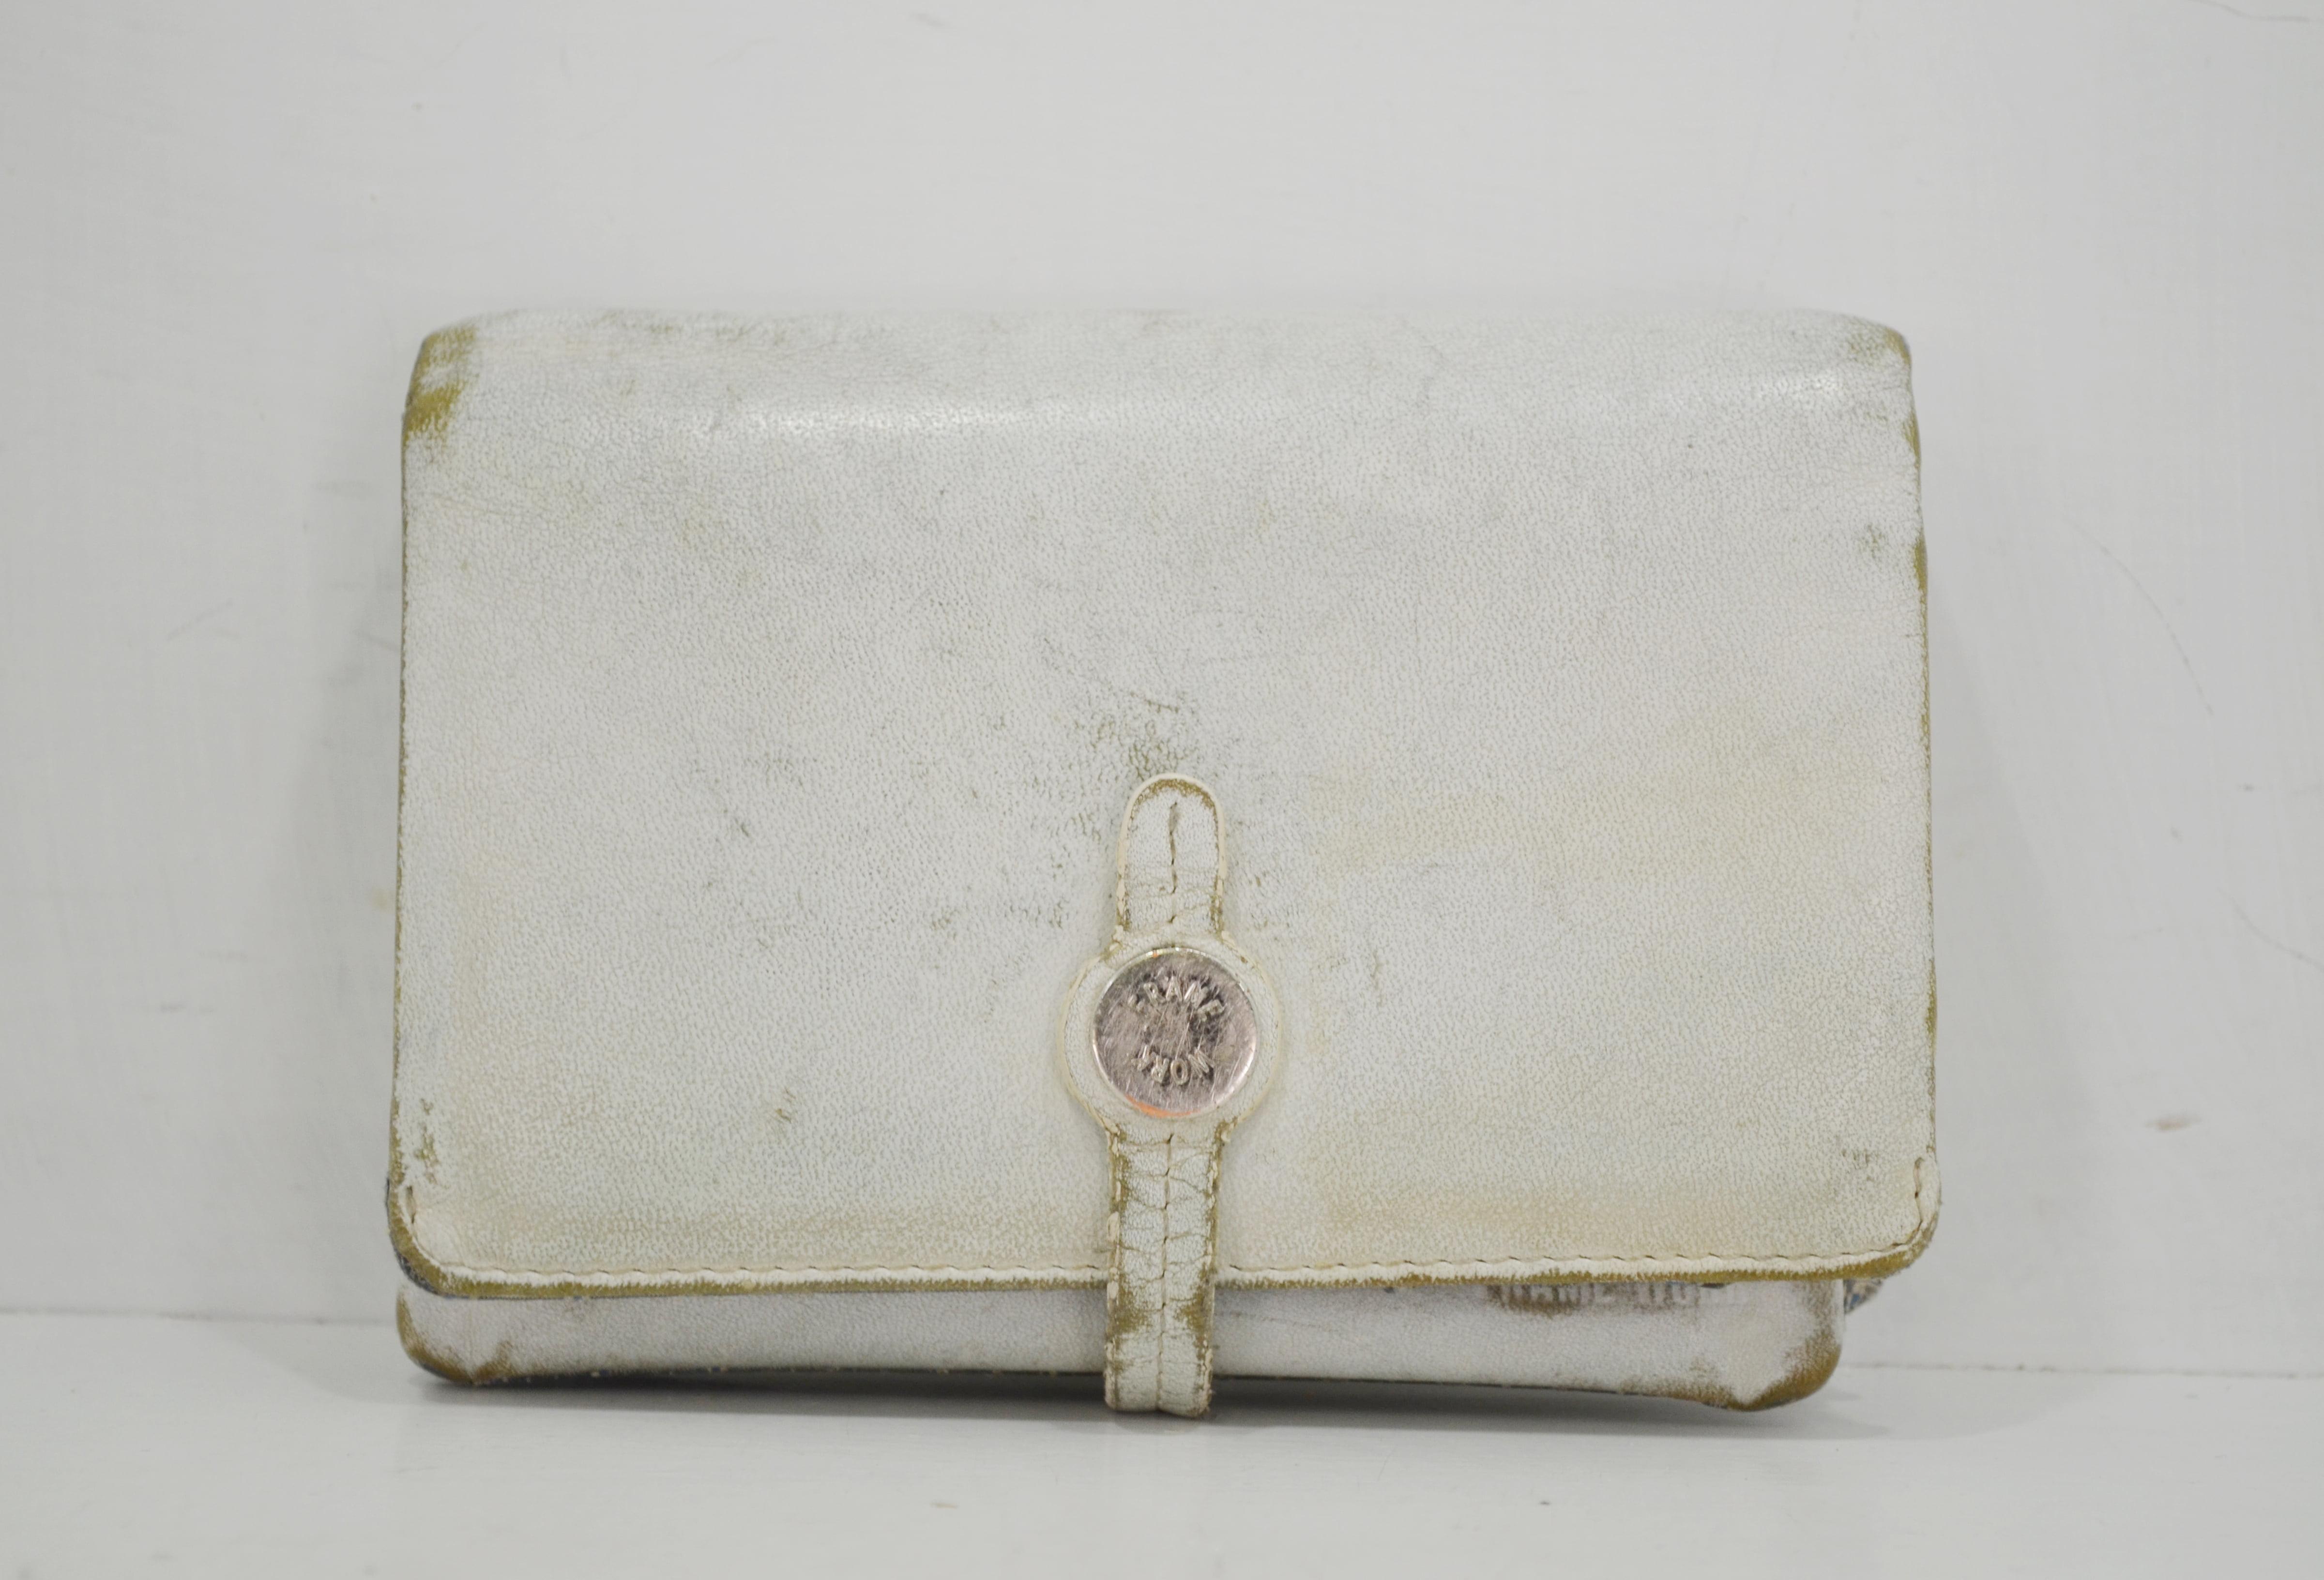 フレームワークの財布のクリーニング